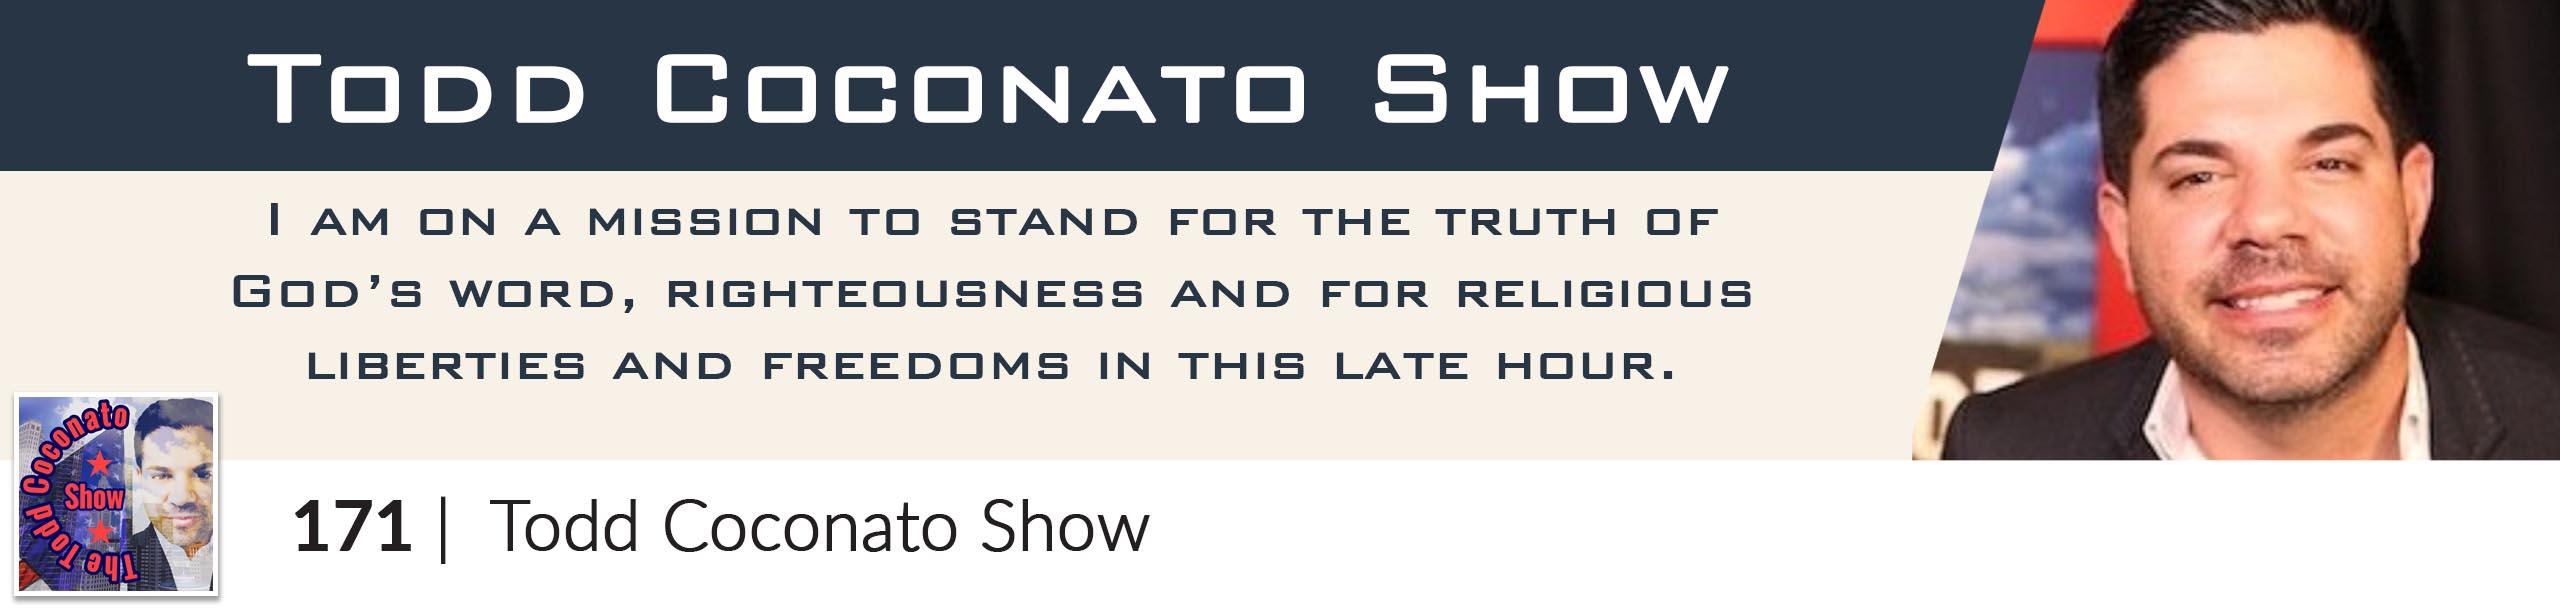 Coconato_Show-header01